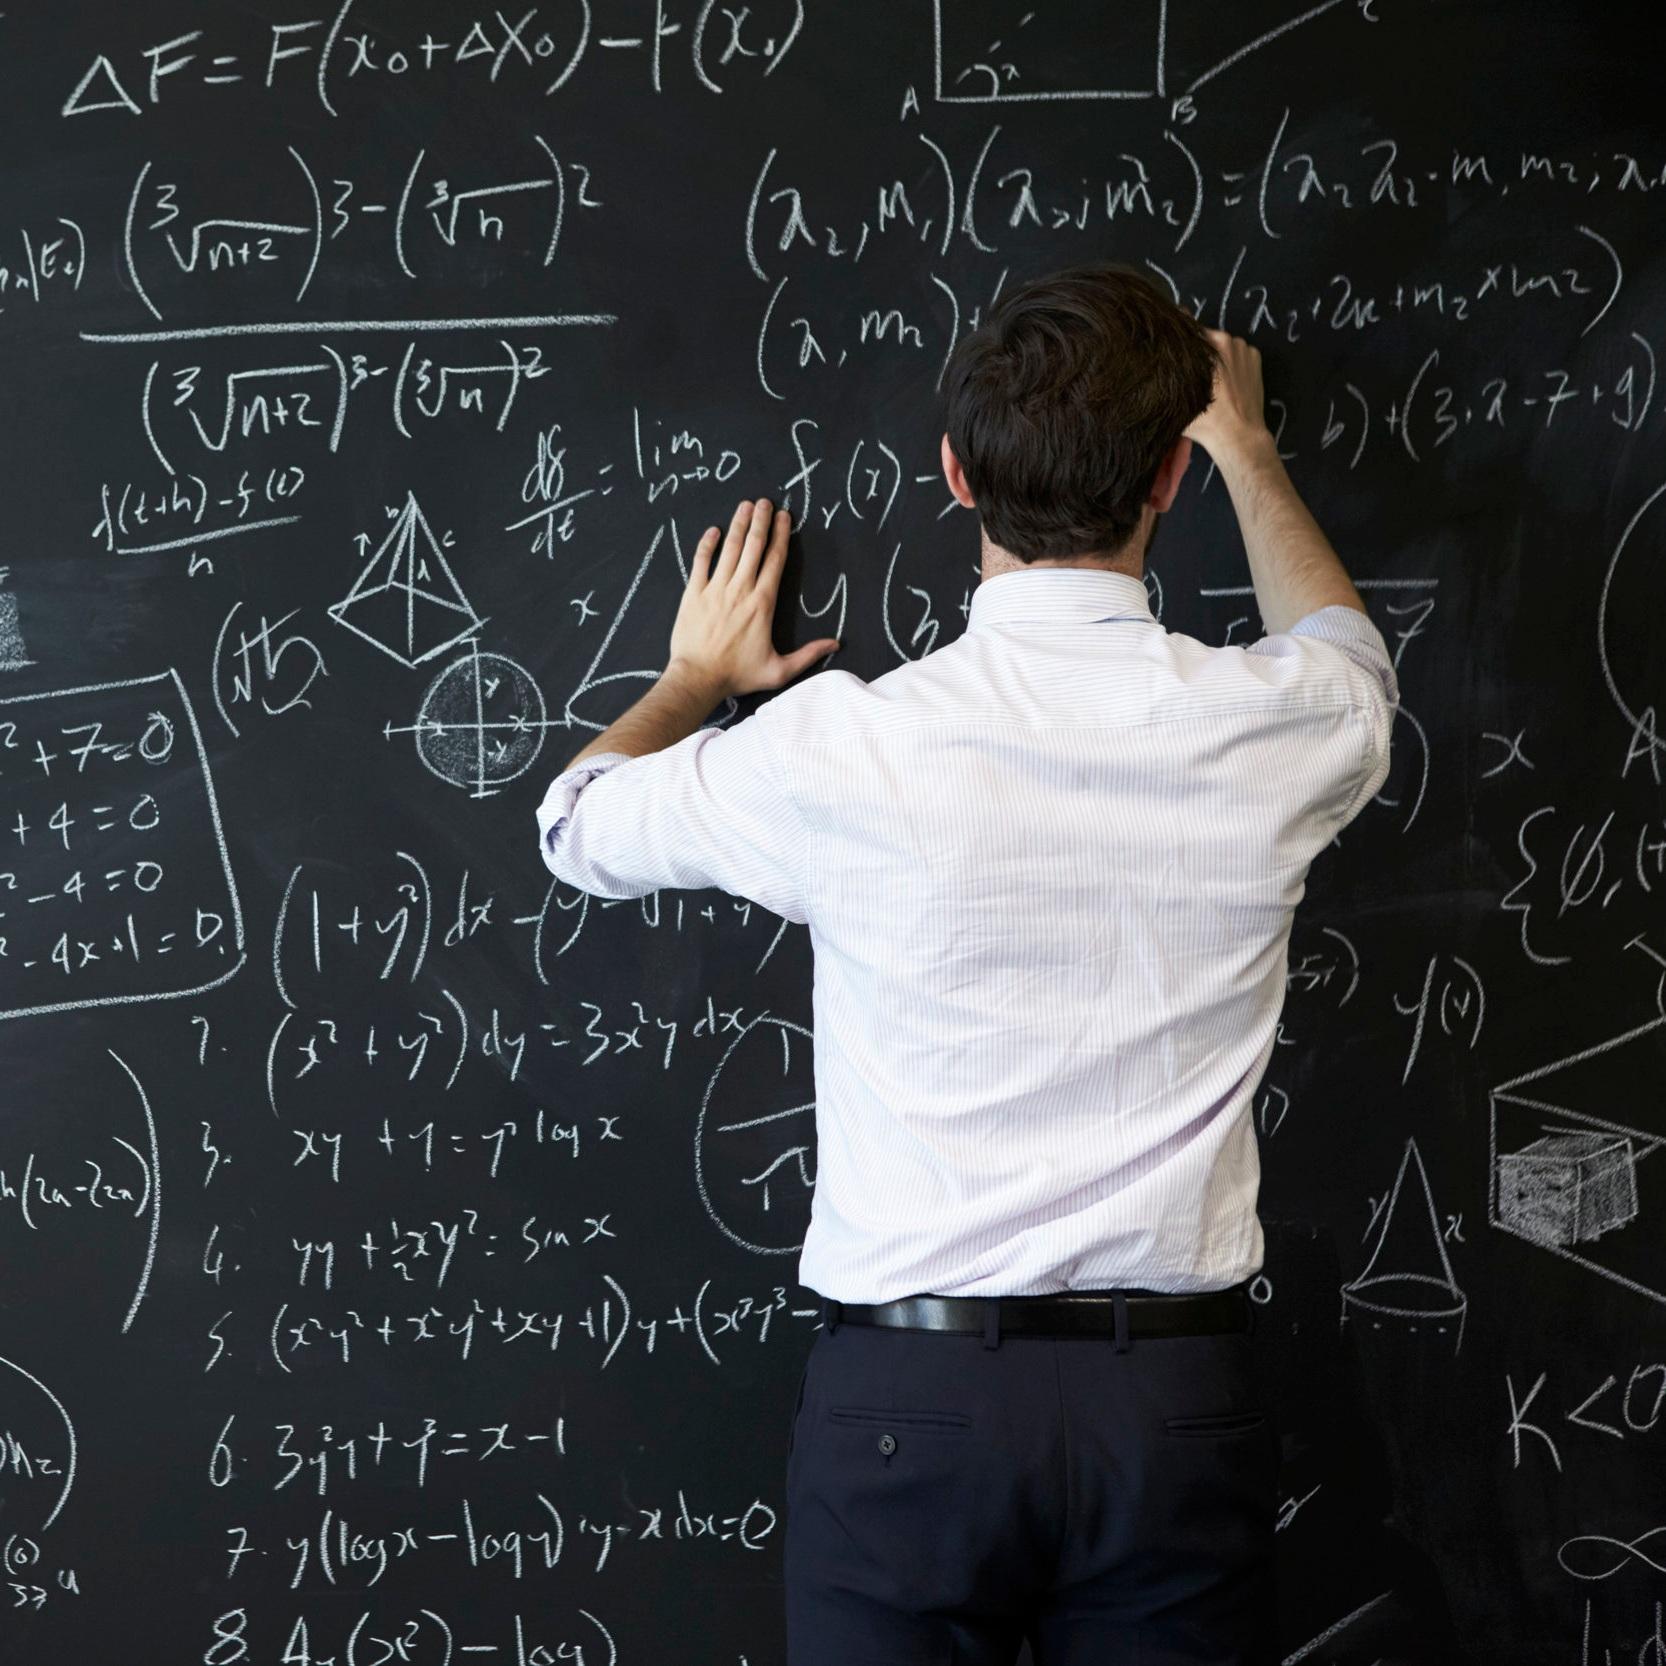 young-man-writing-on-blackboard-PU45FHT.jpg